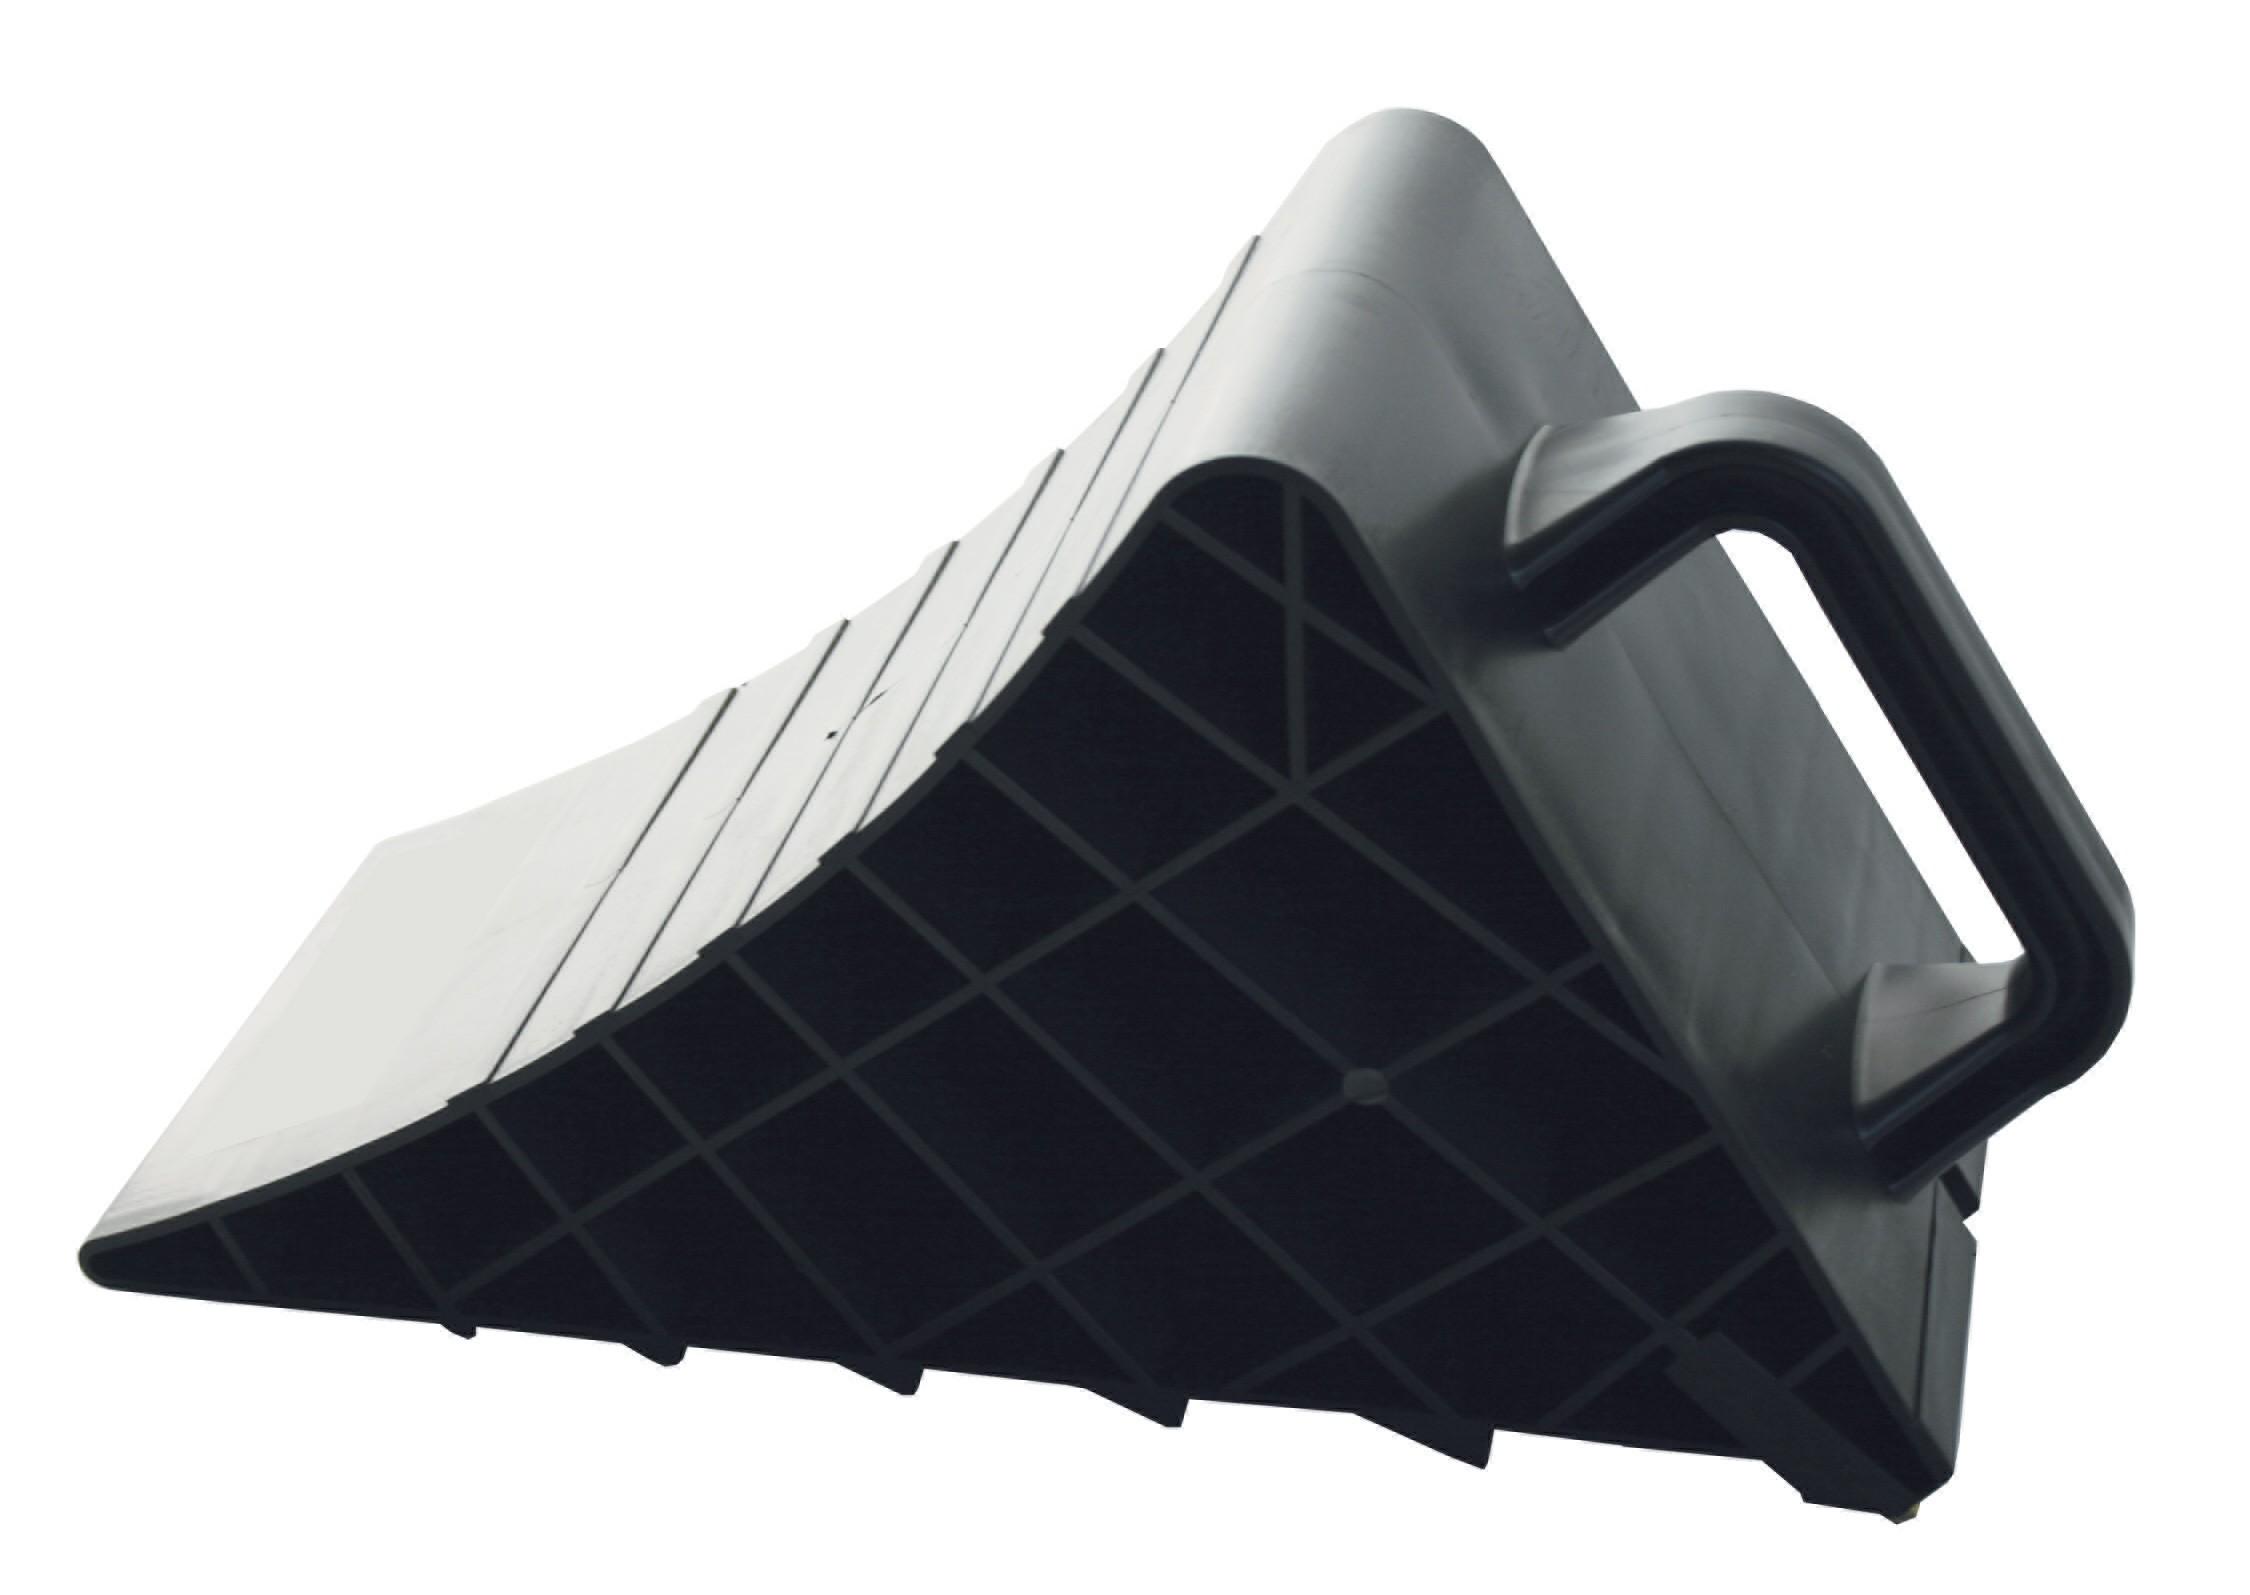 Σφήνα τροχού από πλαστικό κατάλληλη για την ακινητοποίηση τροχοφόρων - Ιδανική για φορτηγά